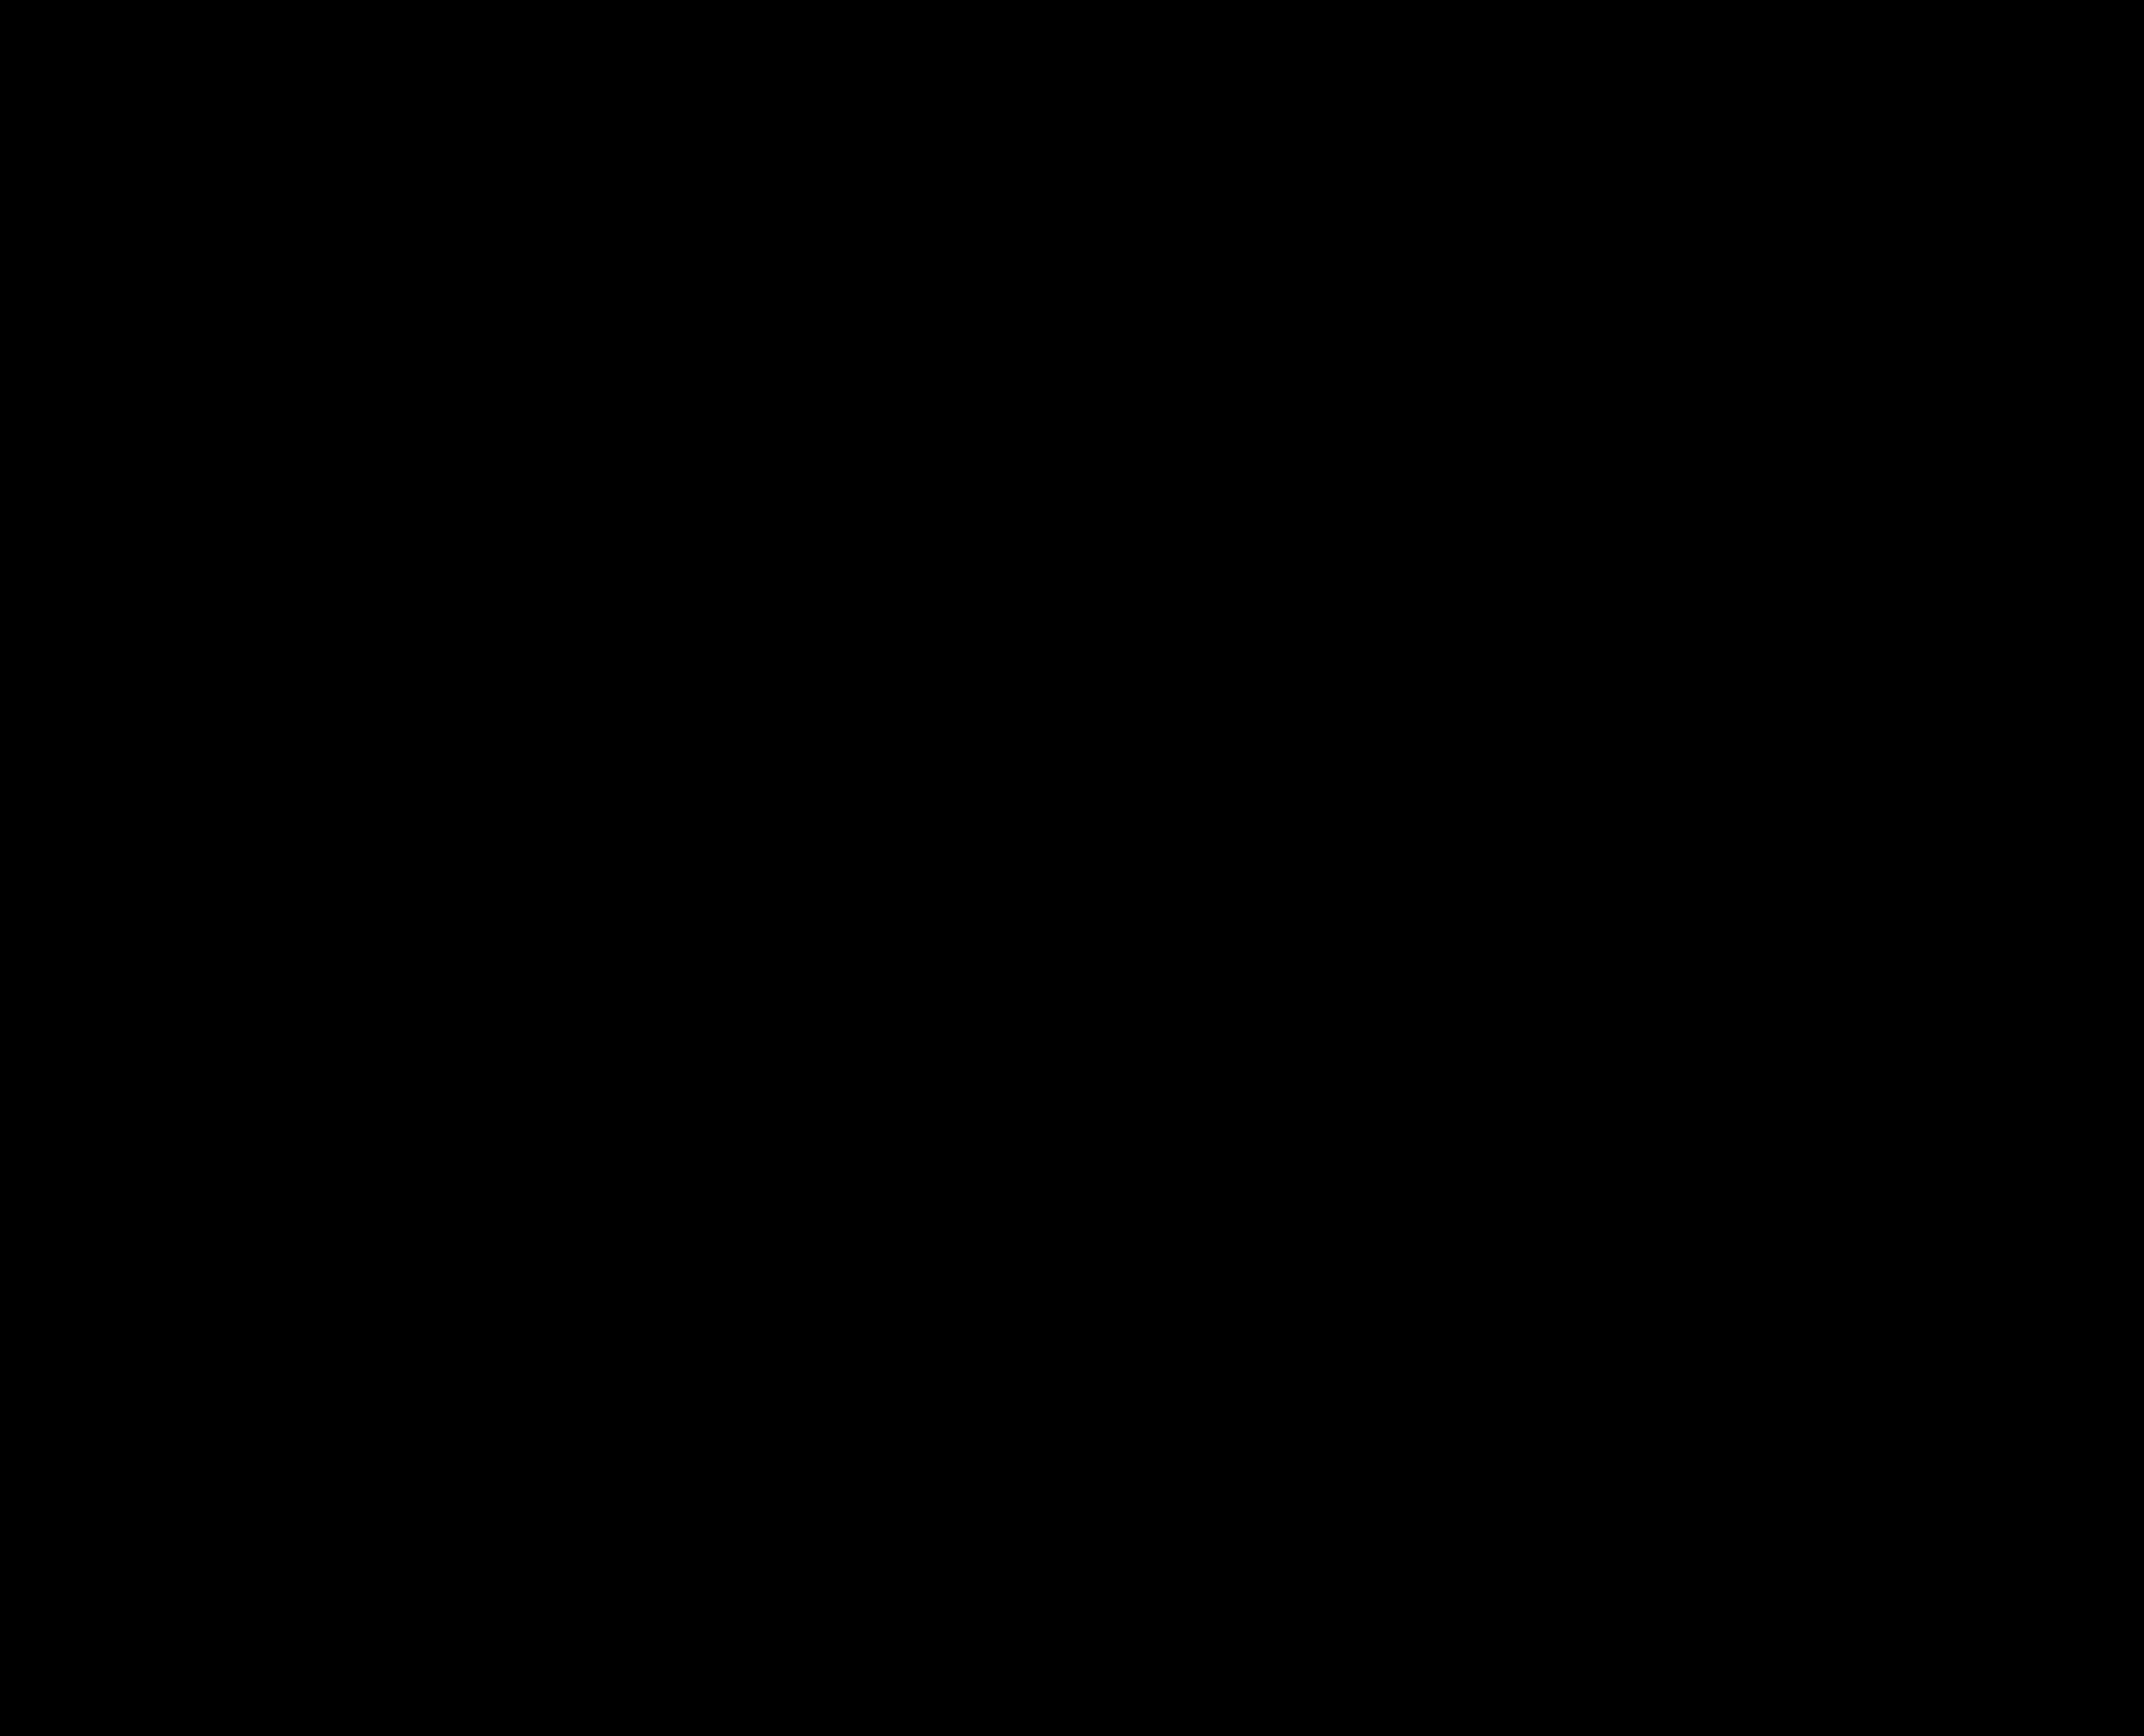 Artemisia Gentileschi Maddalena in estasi, 1620 c. Olio su tela, 81 x 105 cm, Palazzo Ducale, Venezia, in deposito da collezione privata Ph. credits:Dominique Provost